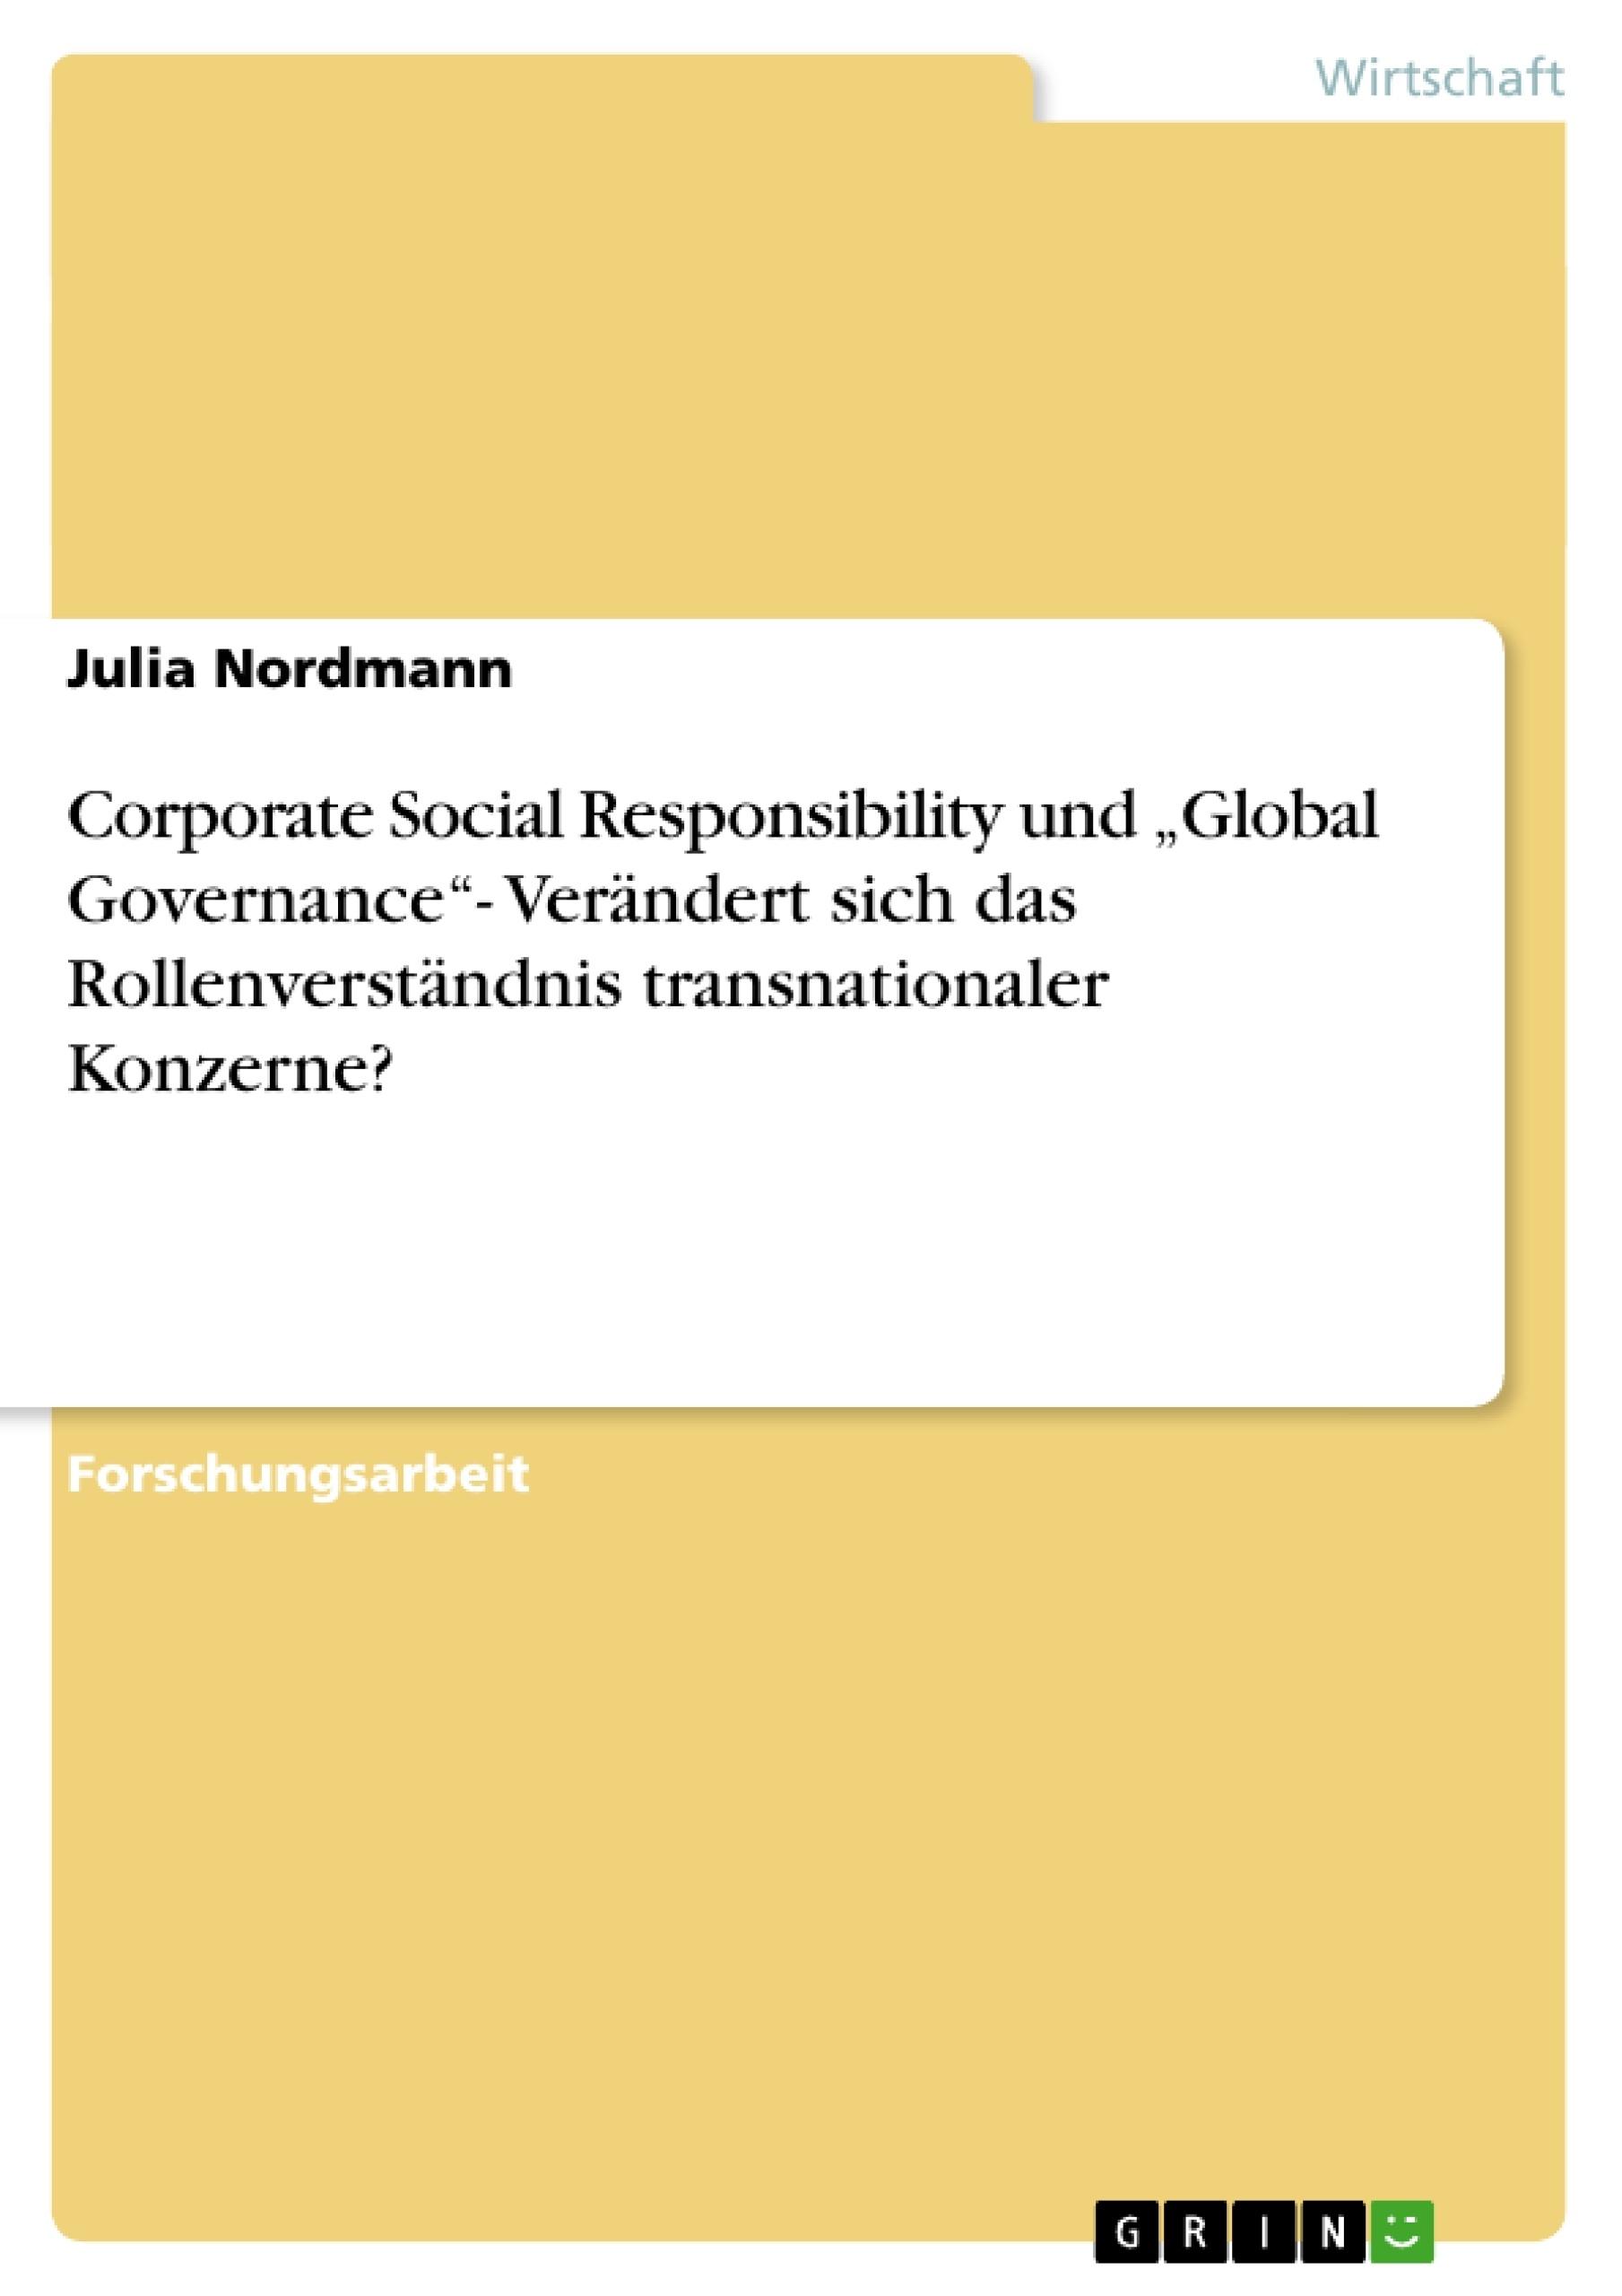 """Titel: Corporate Social Responsibility und """"Global Governance""""- Verändert sich das Rollenverständnis transnationaler Konzerne?"""